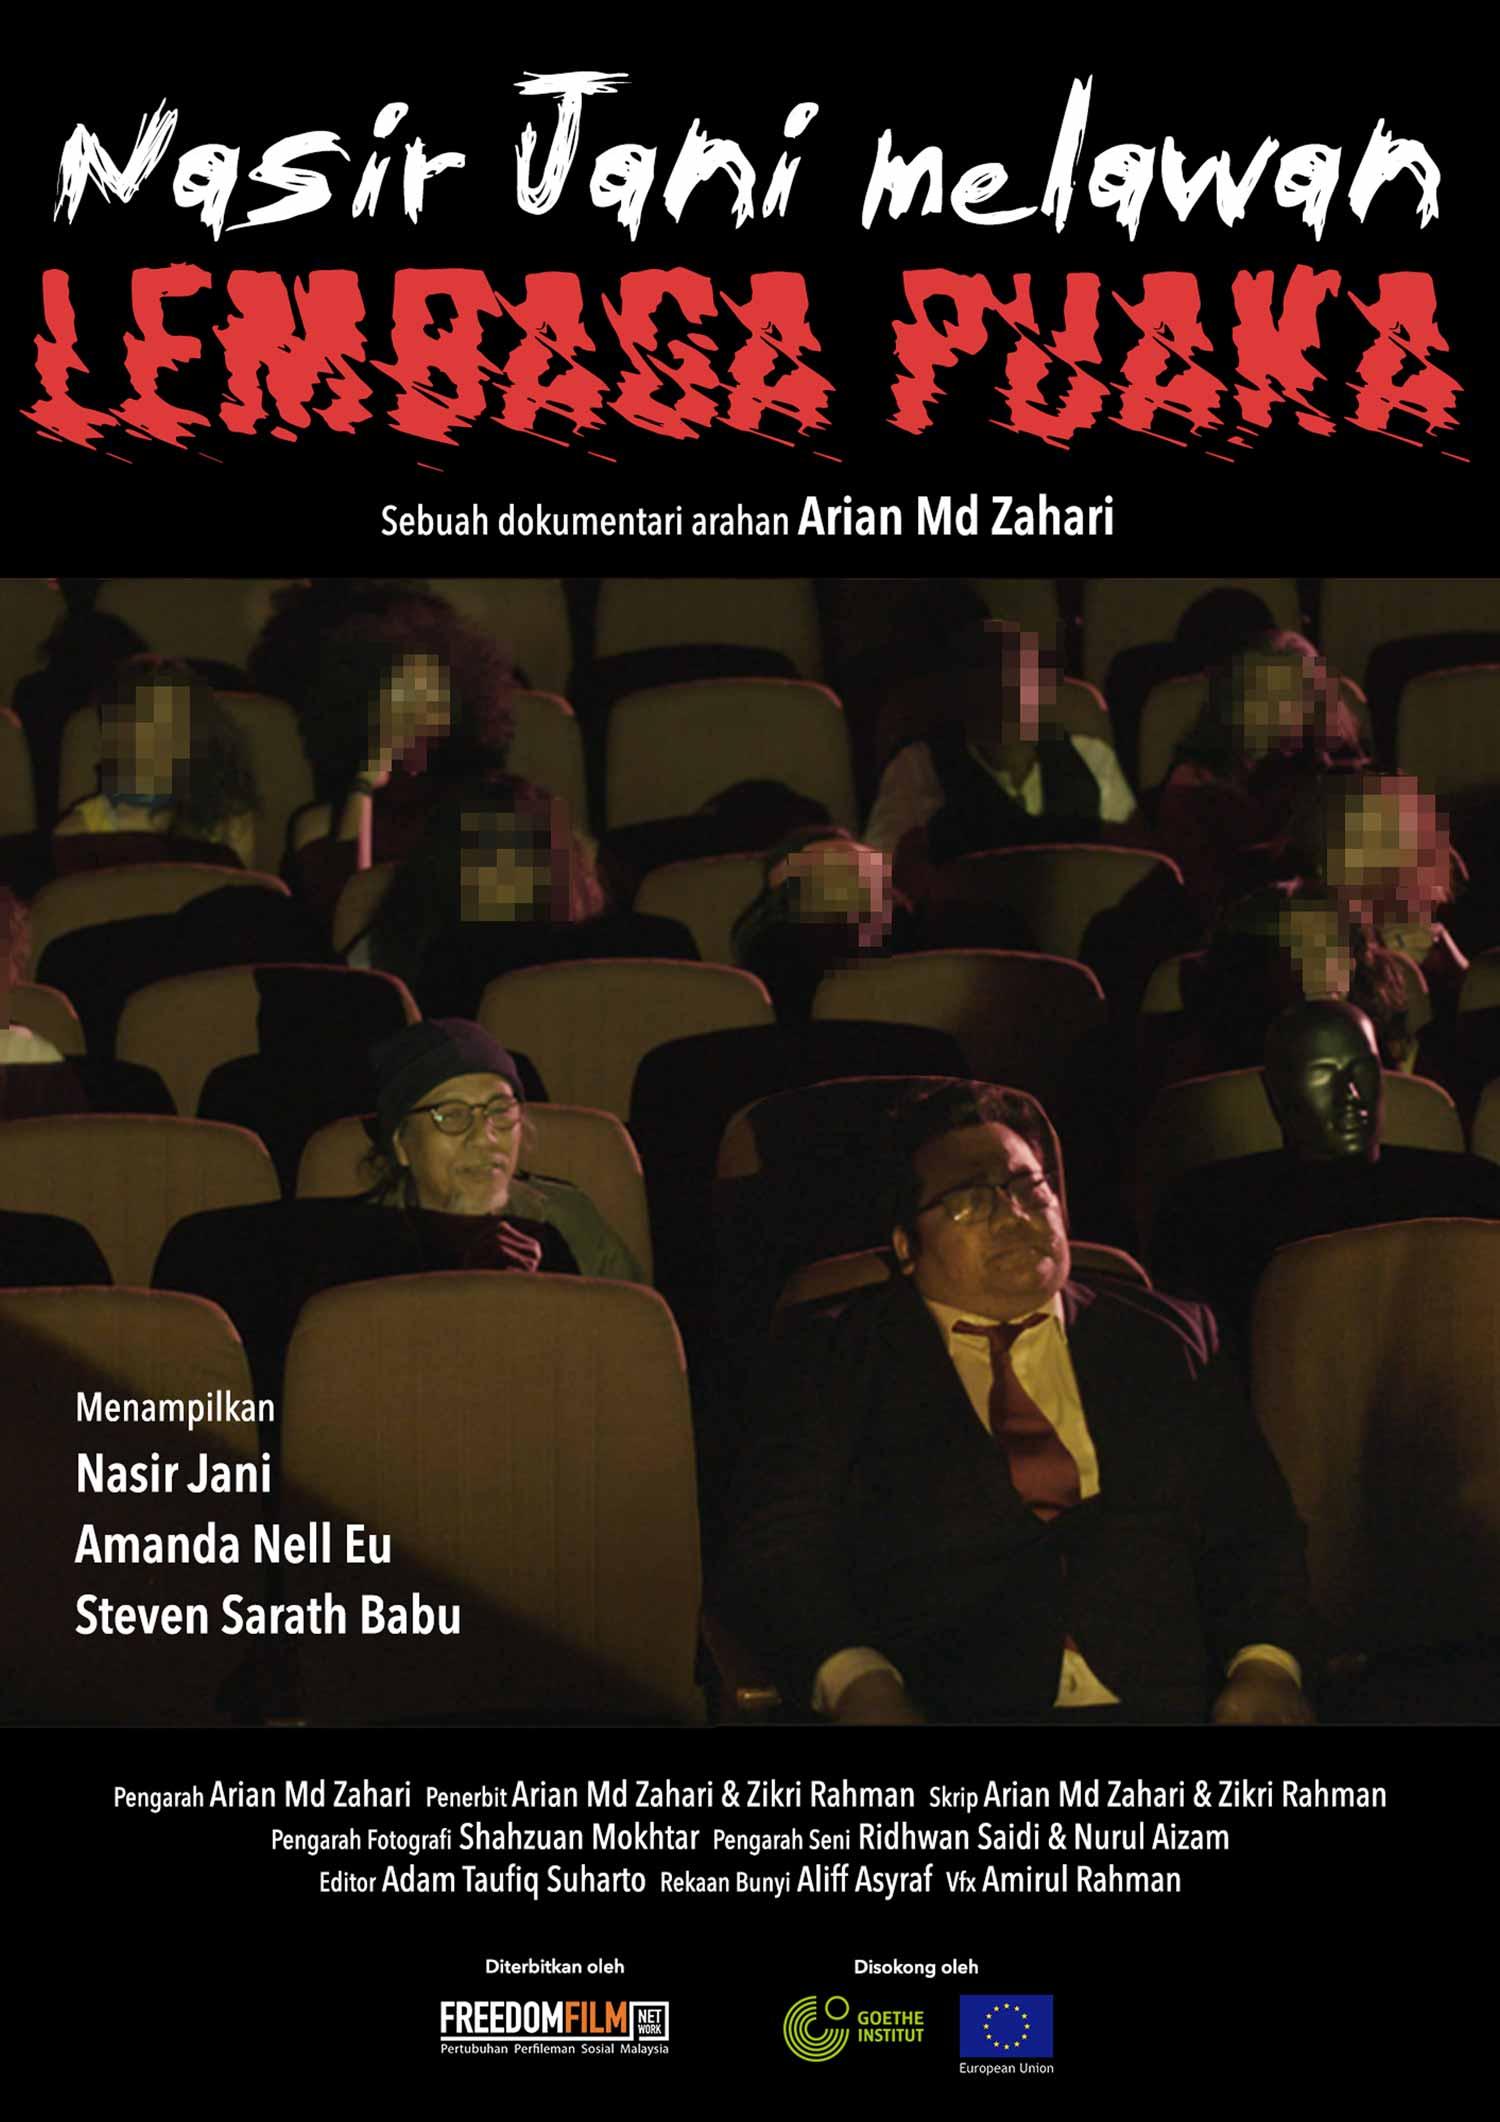 Nasir Jani Melawan Lembaga Puaka by Arian Md Zahari (FreedomFilmFest 2020)